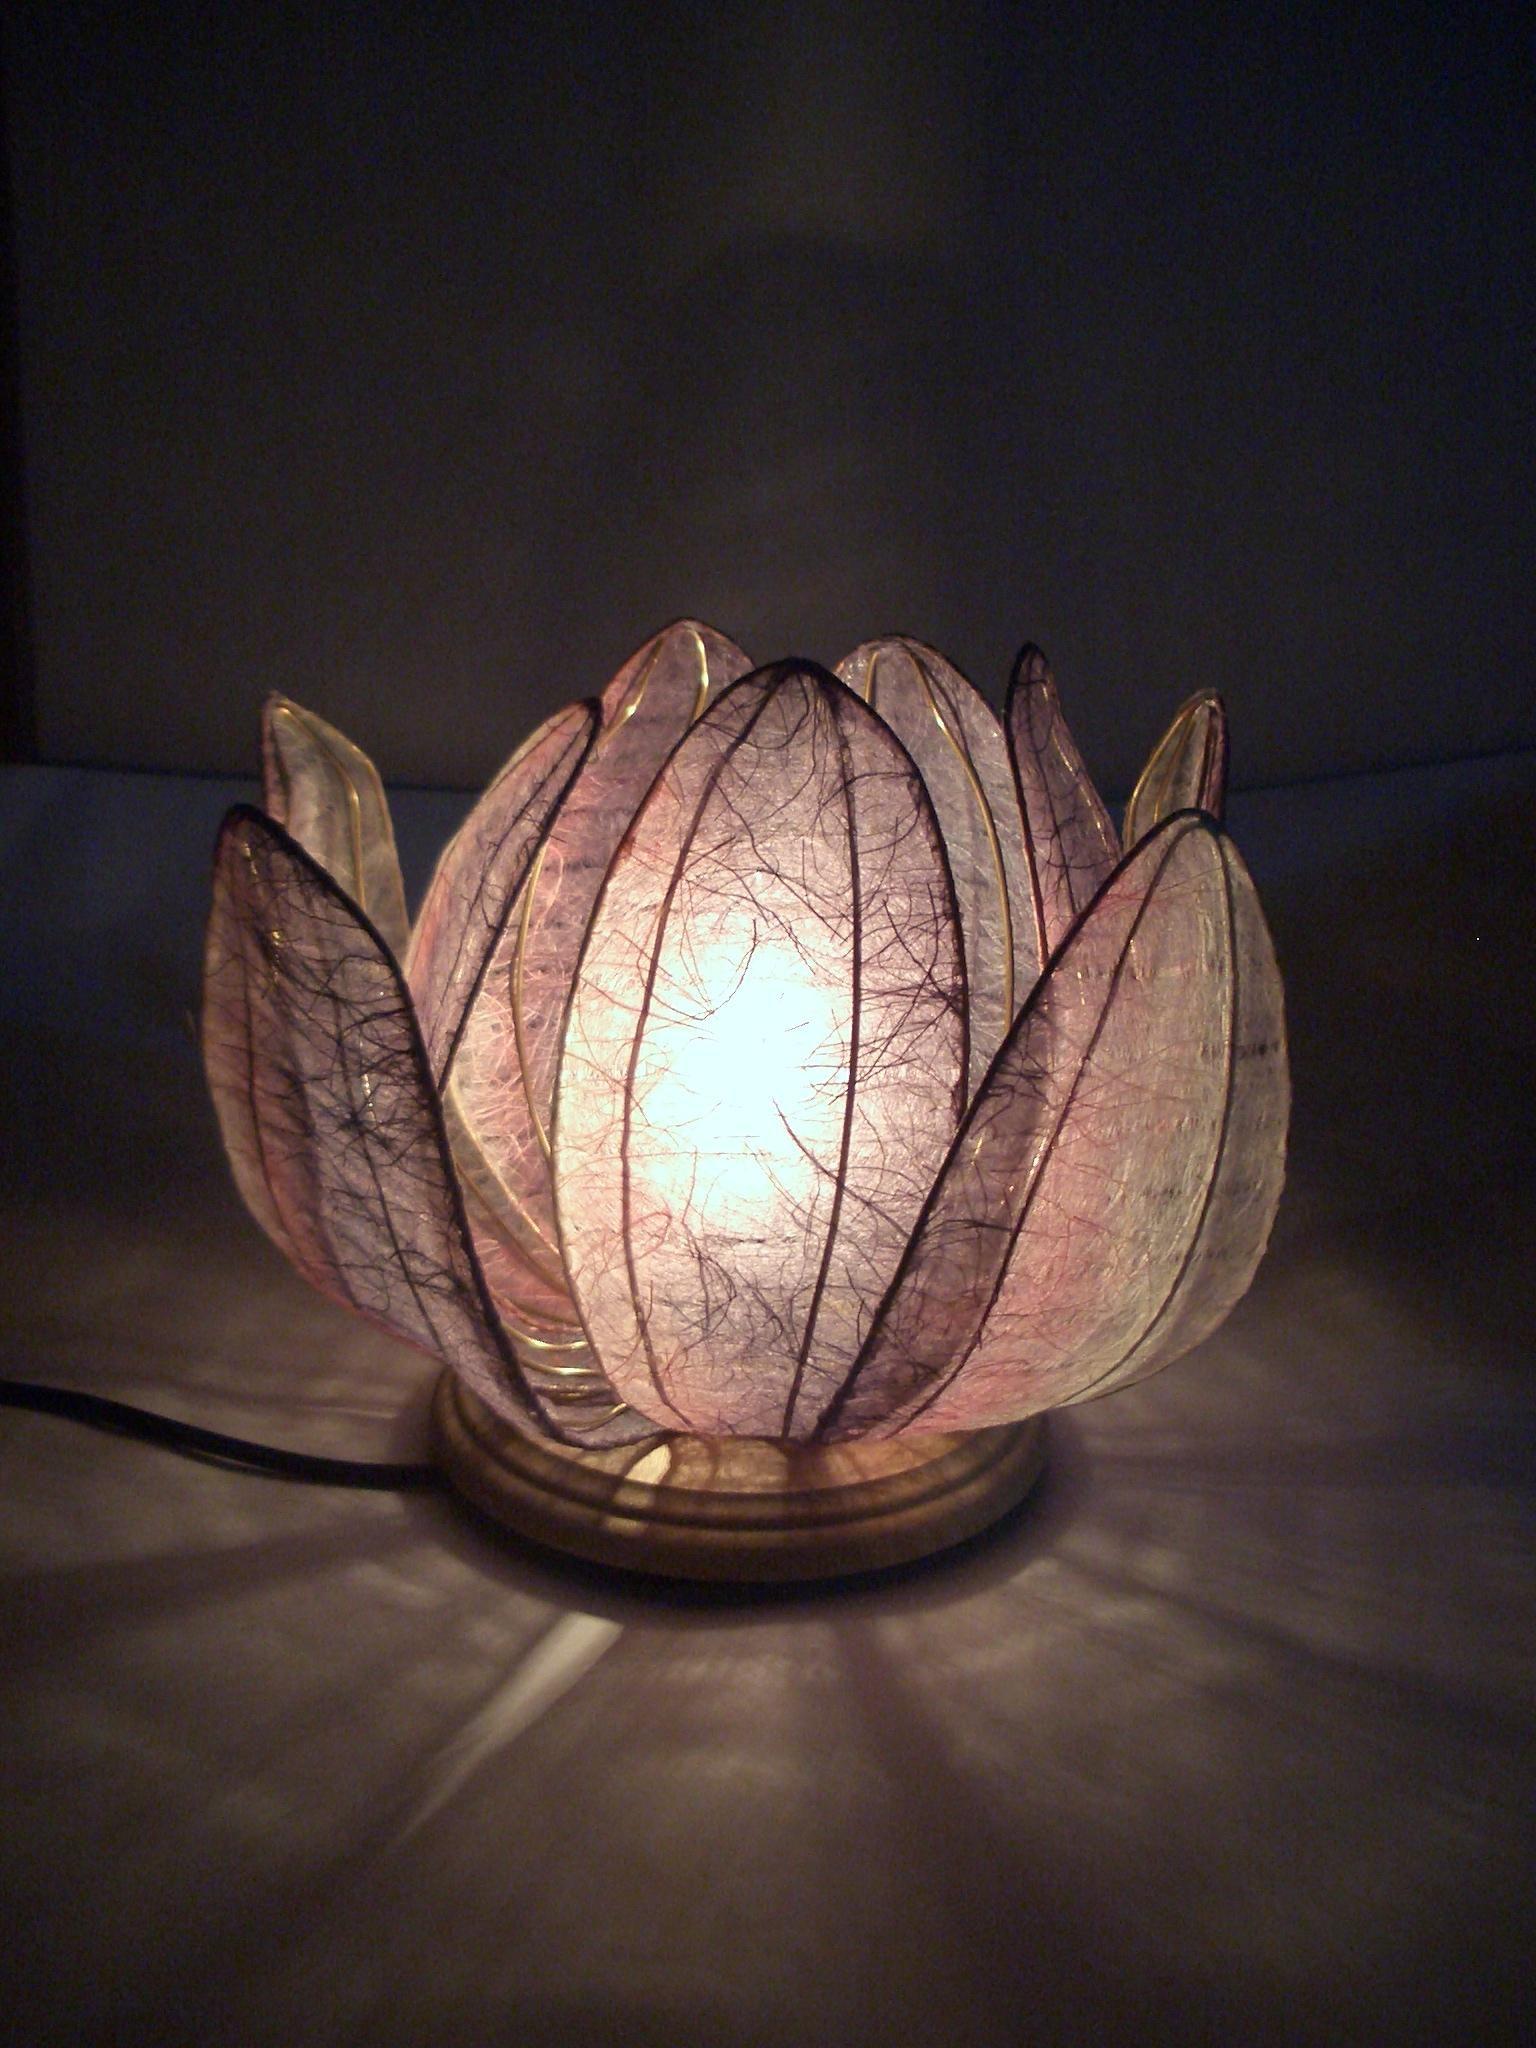 DIY This Japanese Paper Lotus Lantern In